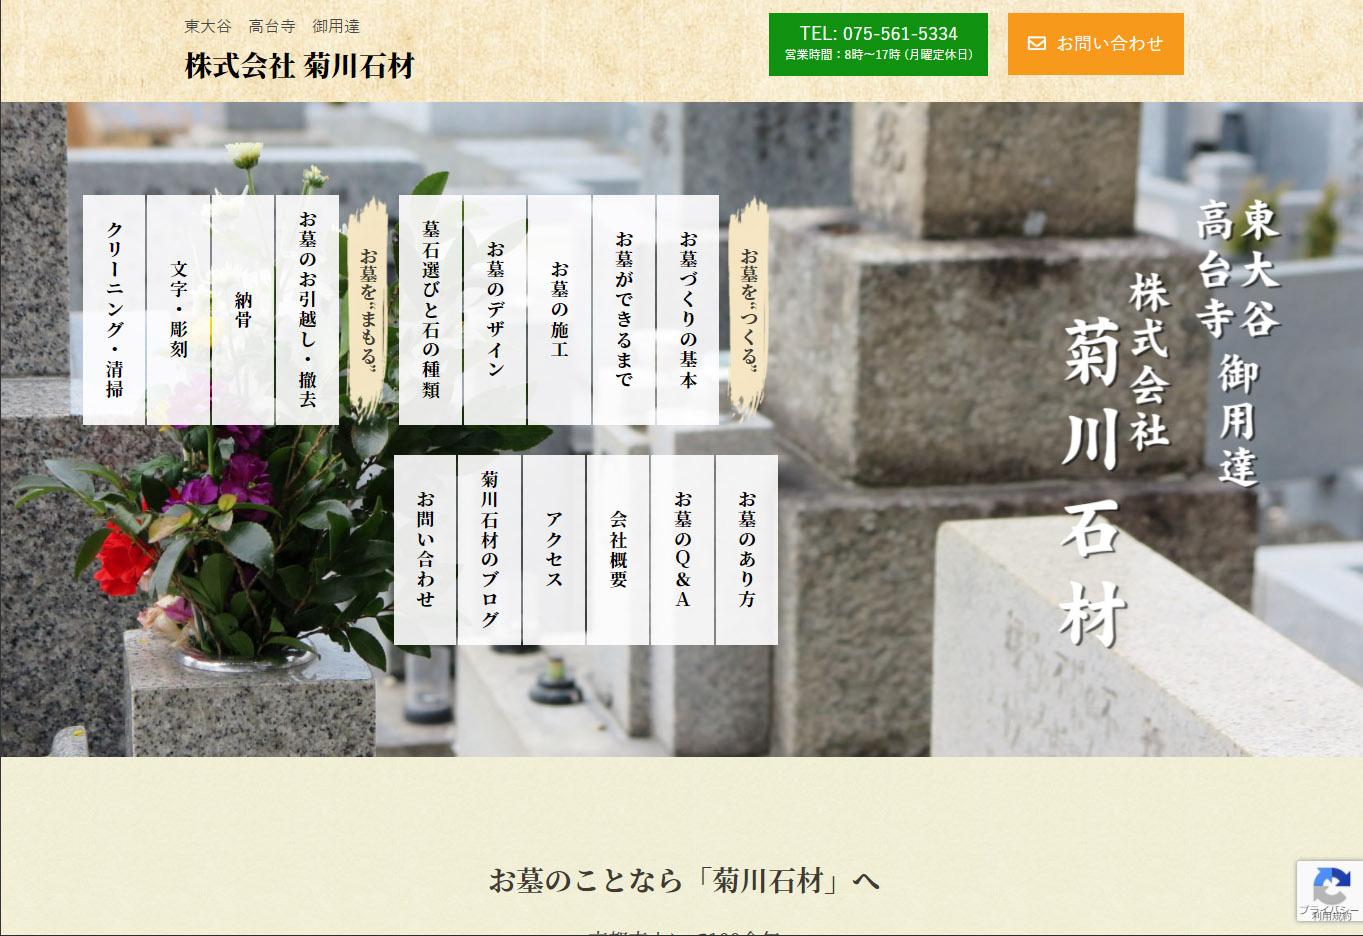 株式会社 菊川石材